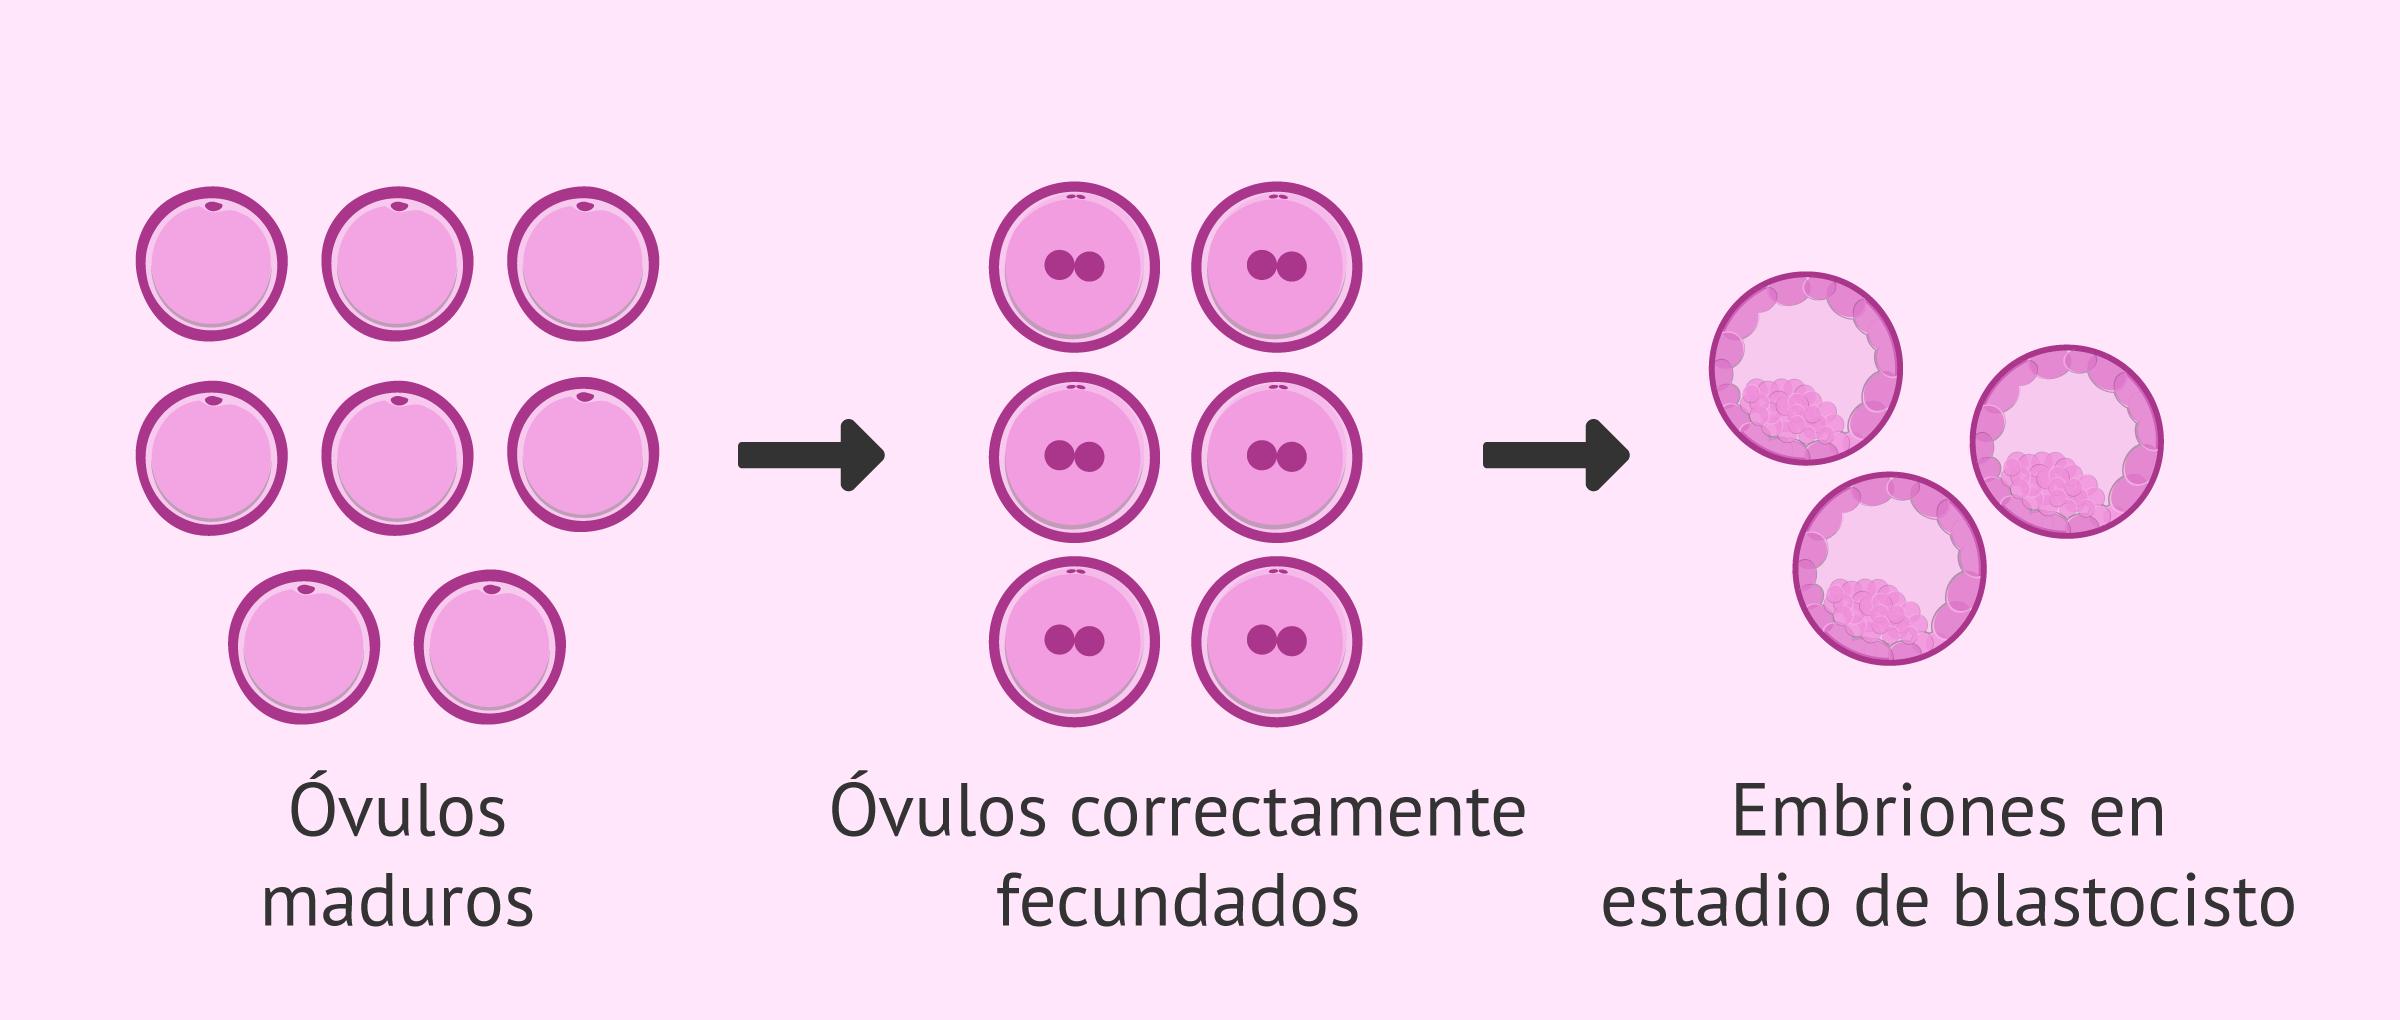 Óvulos obtenidos y número de blastocistos